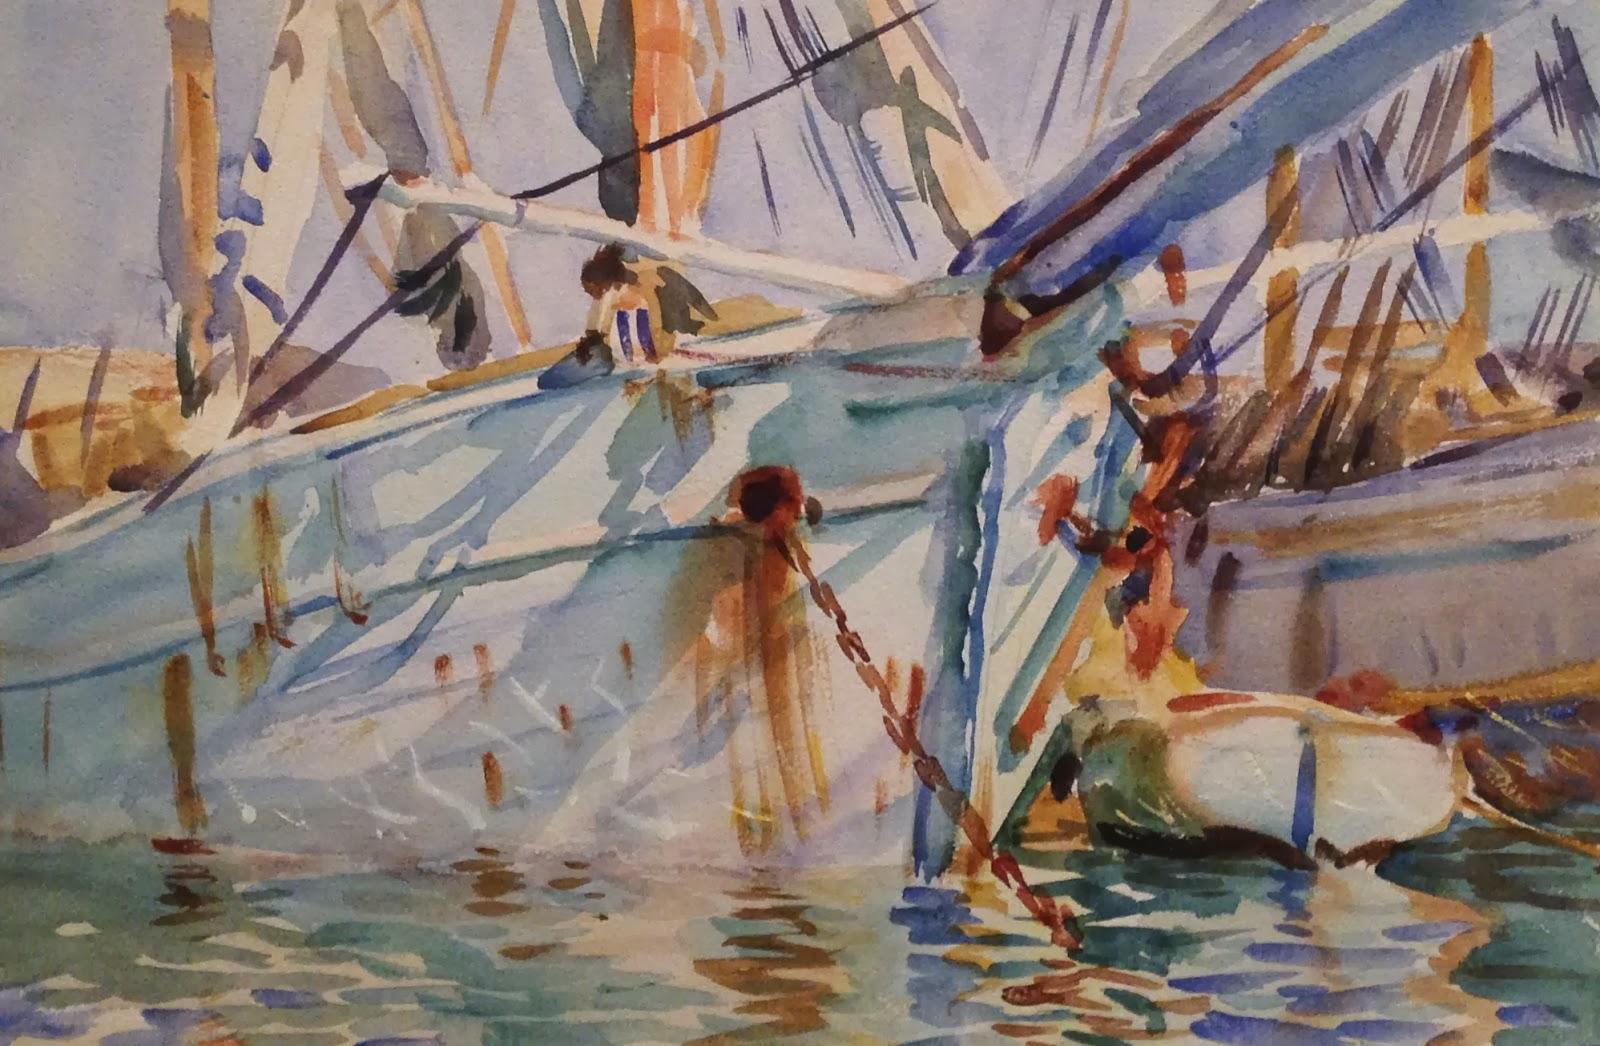 John Singer Sargent Watercolors and Yarka Watercolors Review